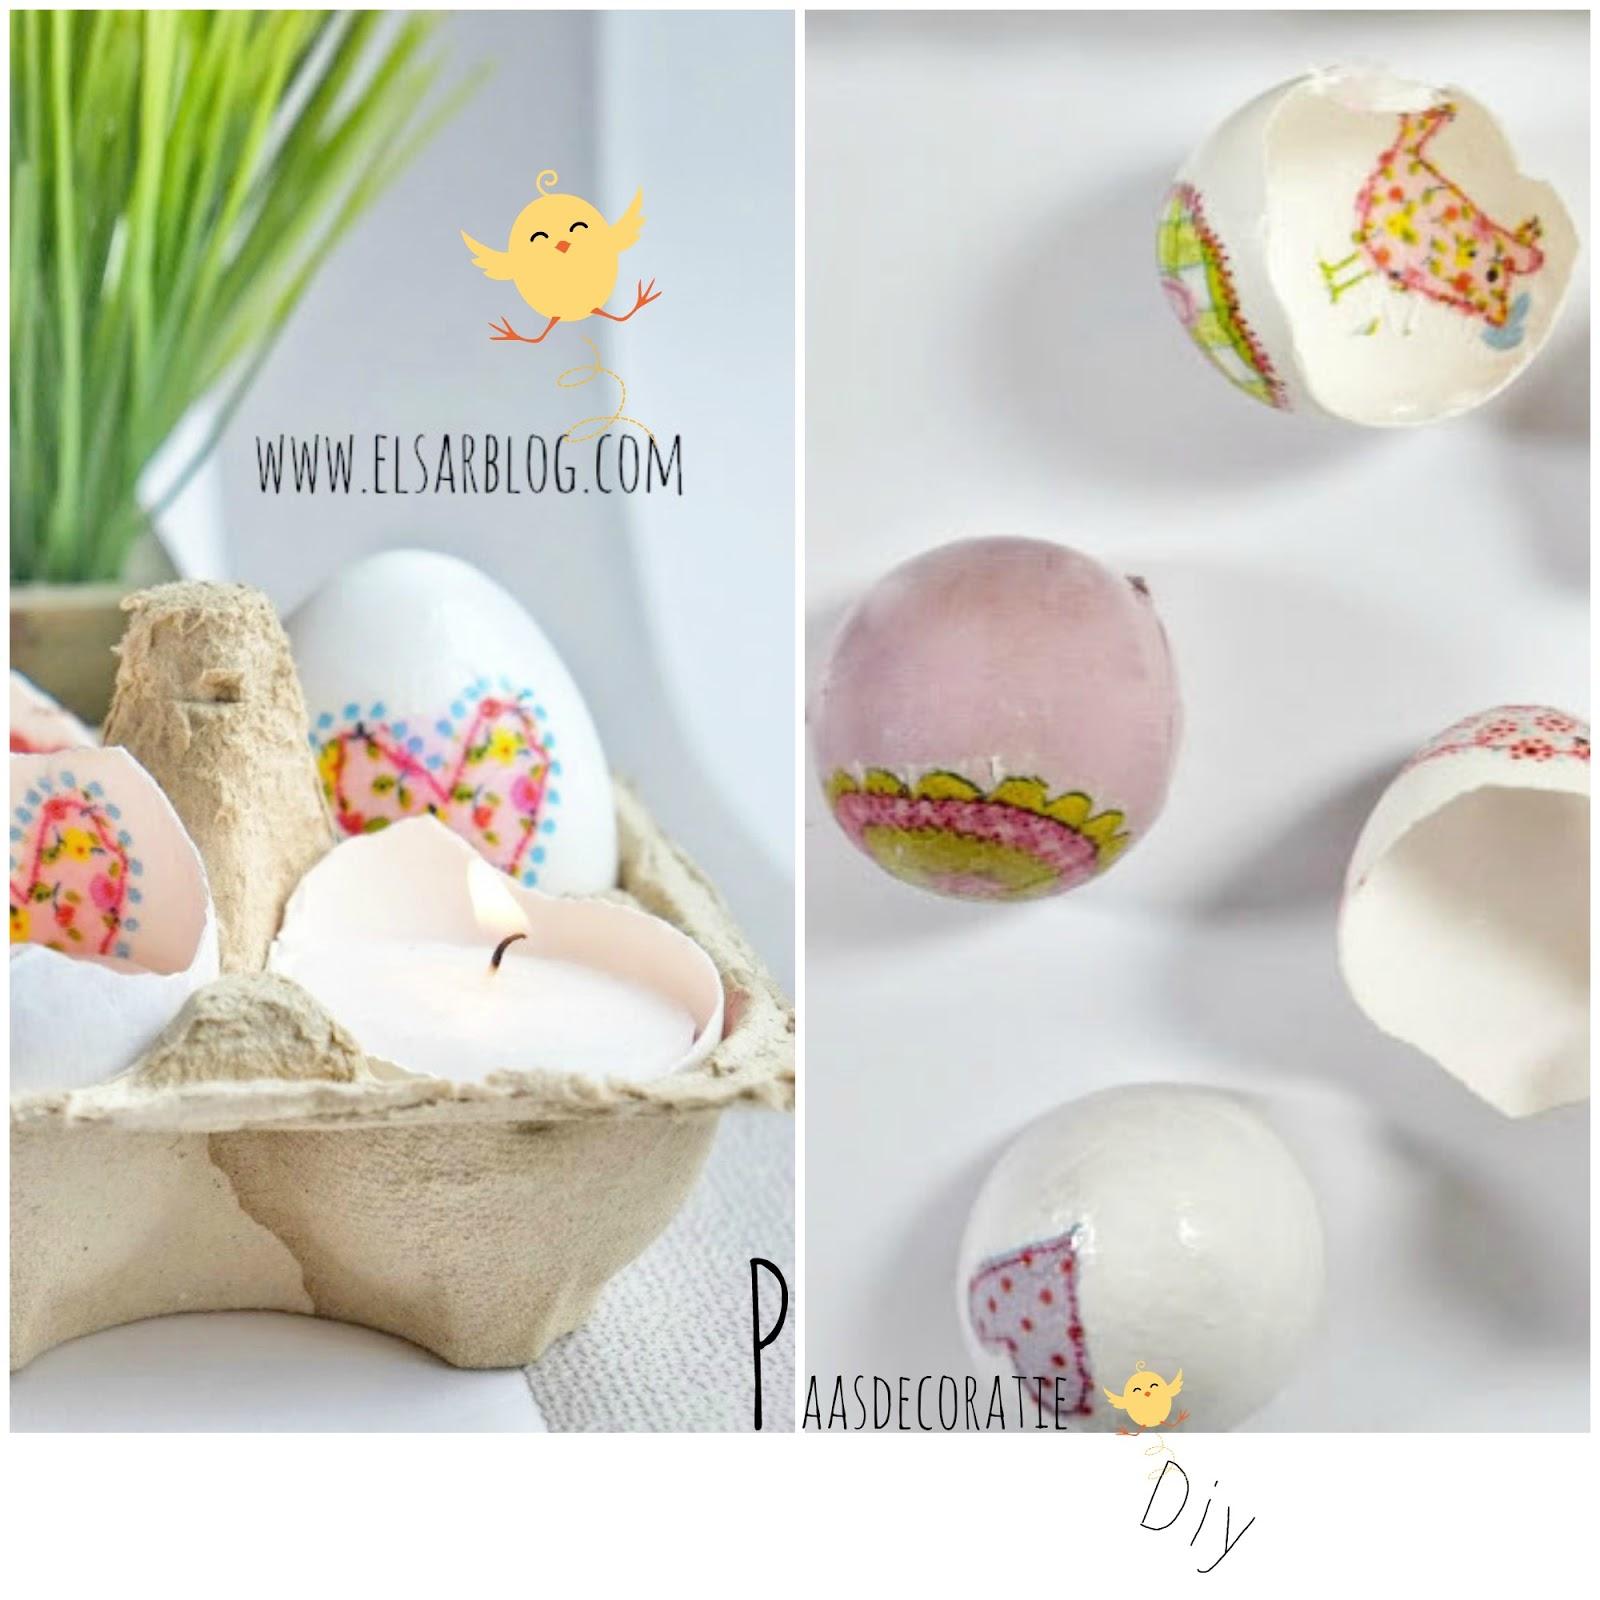 Paasdecoratie met servetten en kapotte eieren als theelichtjes houder  (Diy)